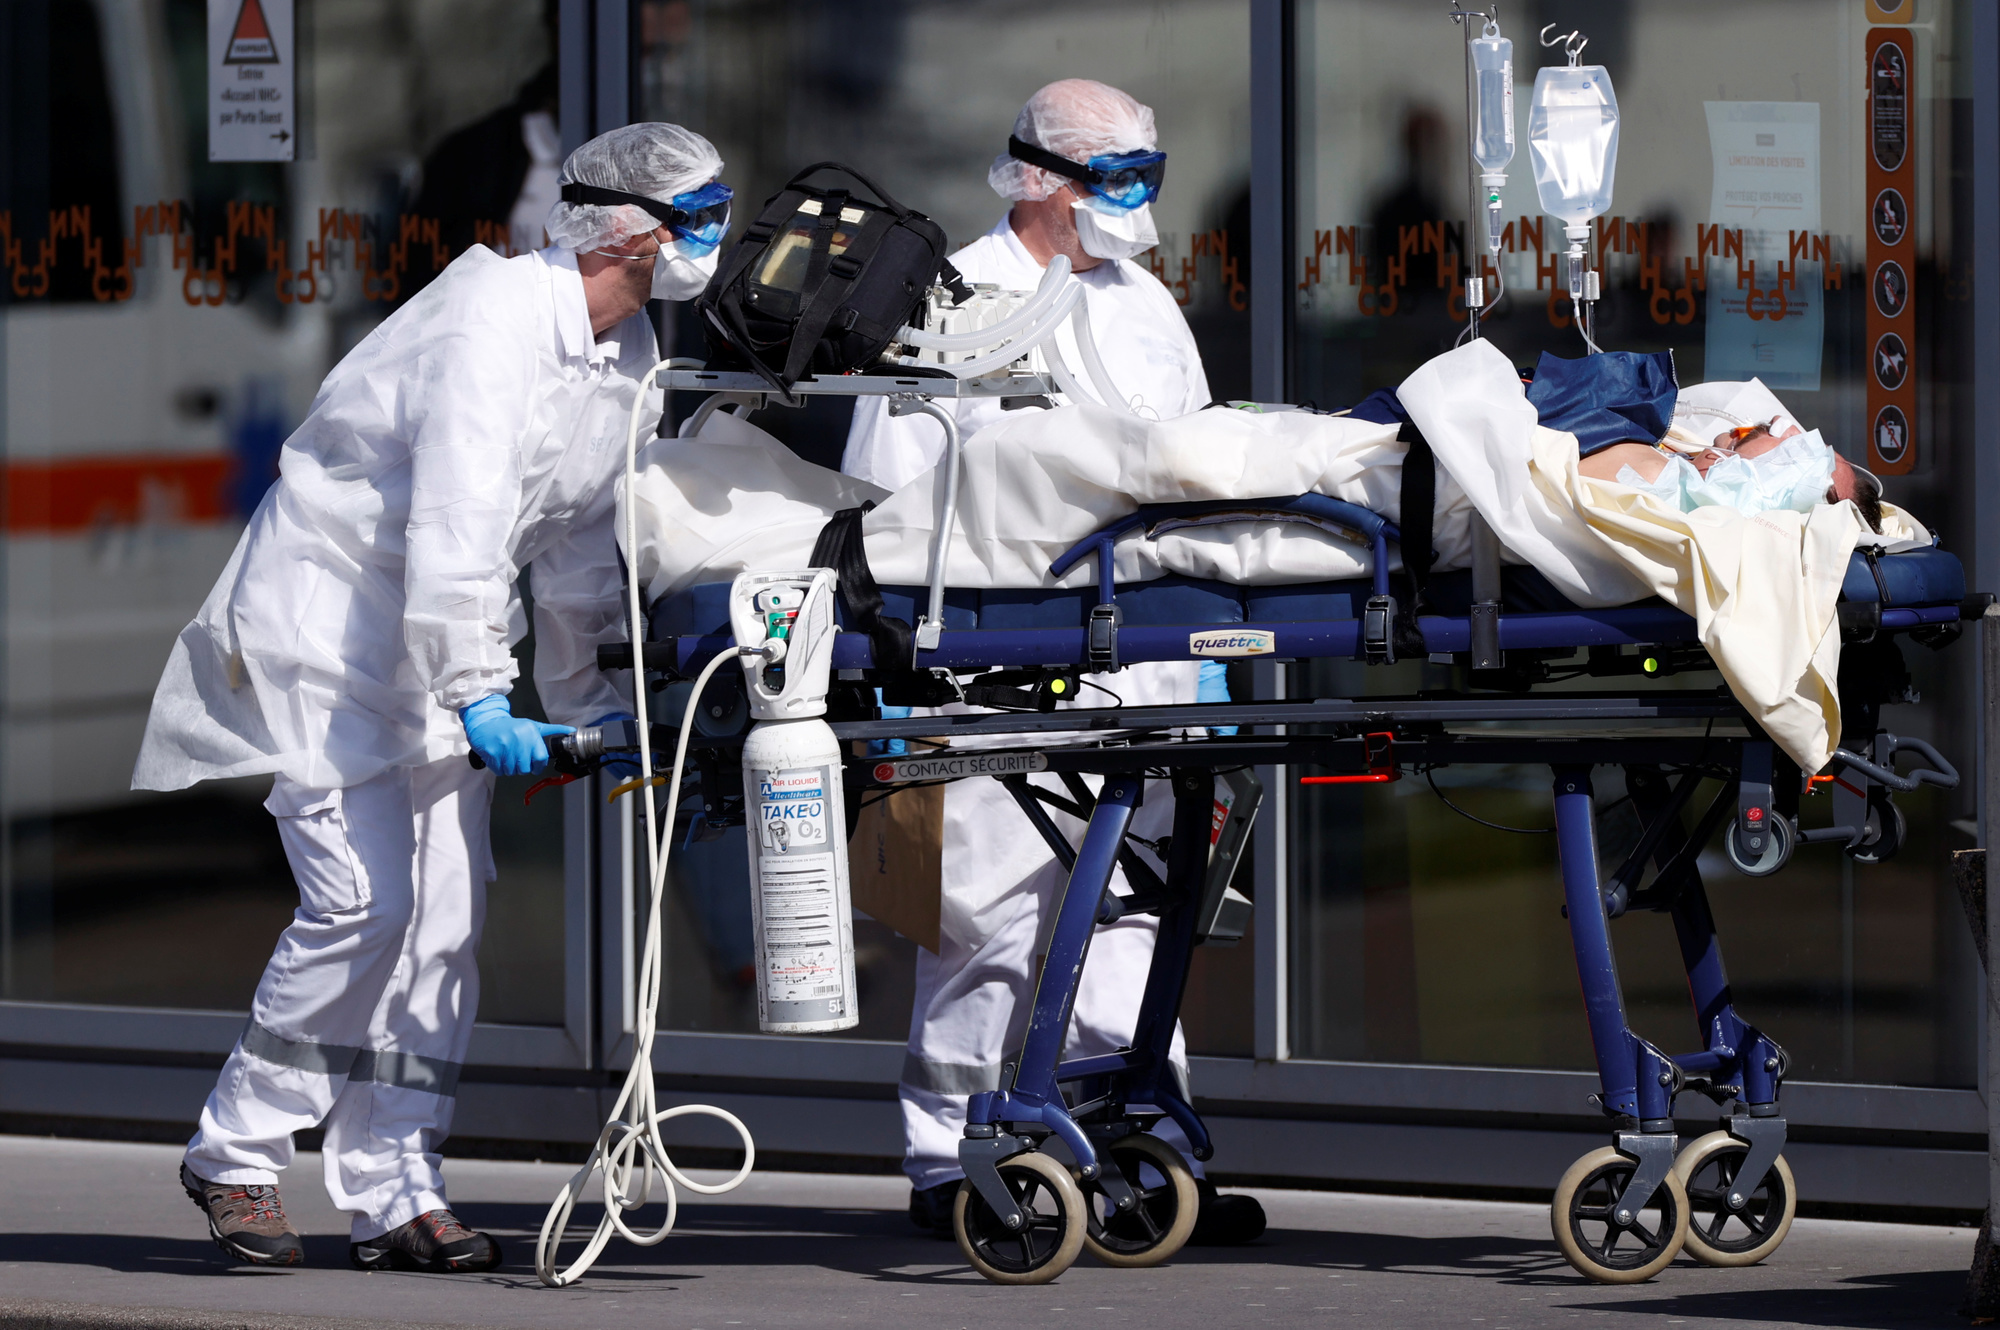 Un patient est pris en charge dans un hopital français., reuters